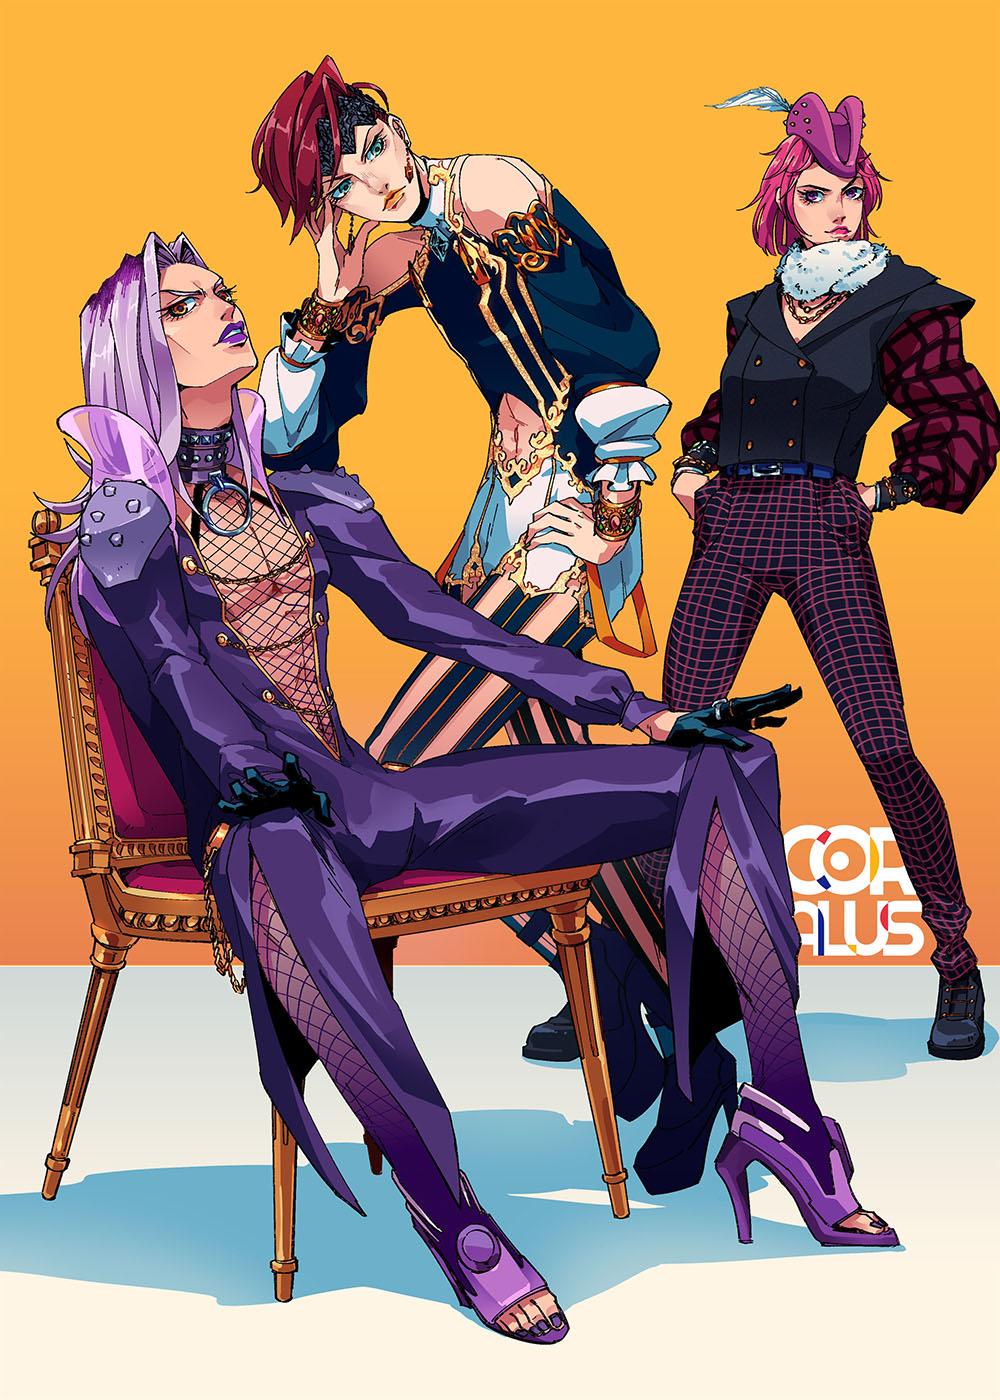 Abbachio Rohan And Narciso By Pixiv Id 46055790 Jojo Anime Jojo Bizzare Adventure Jojo Bizarre